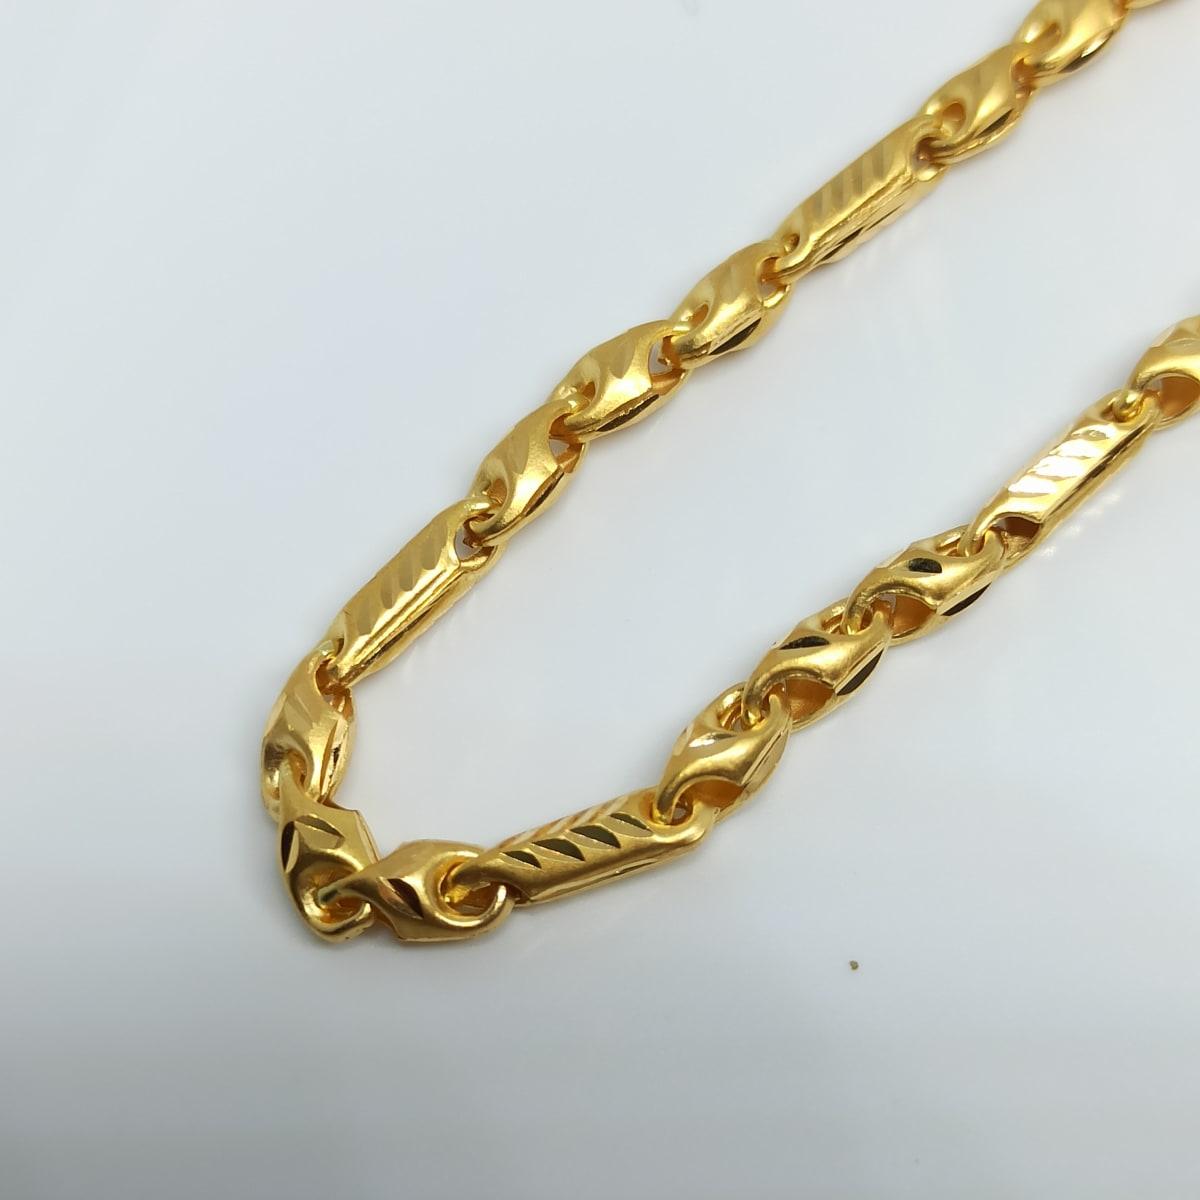 Bahubali Chain 6